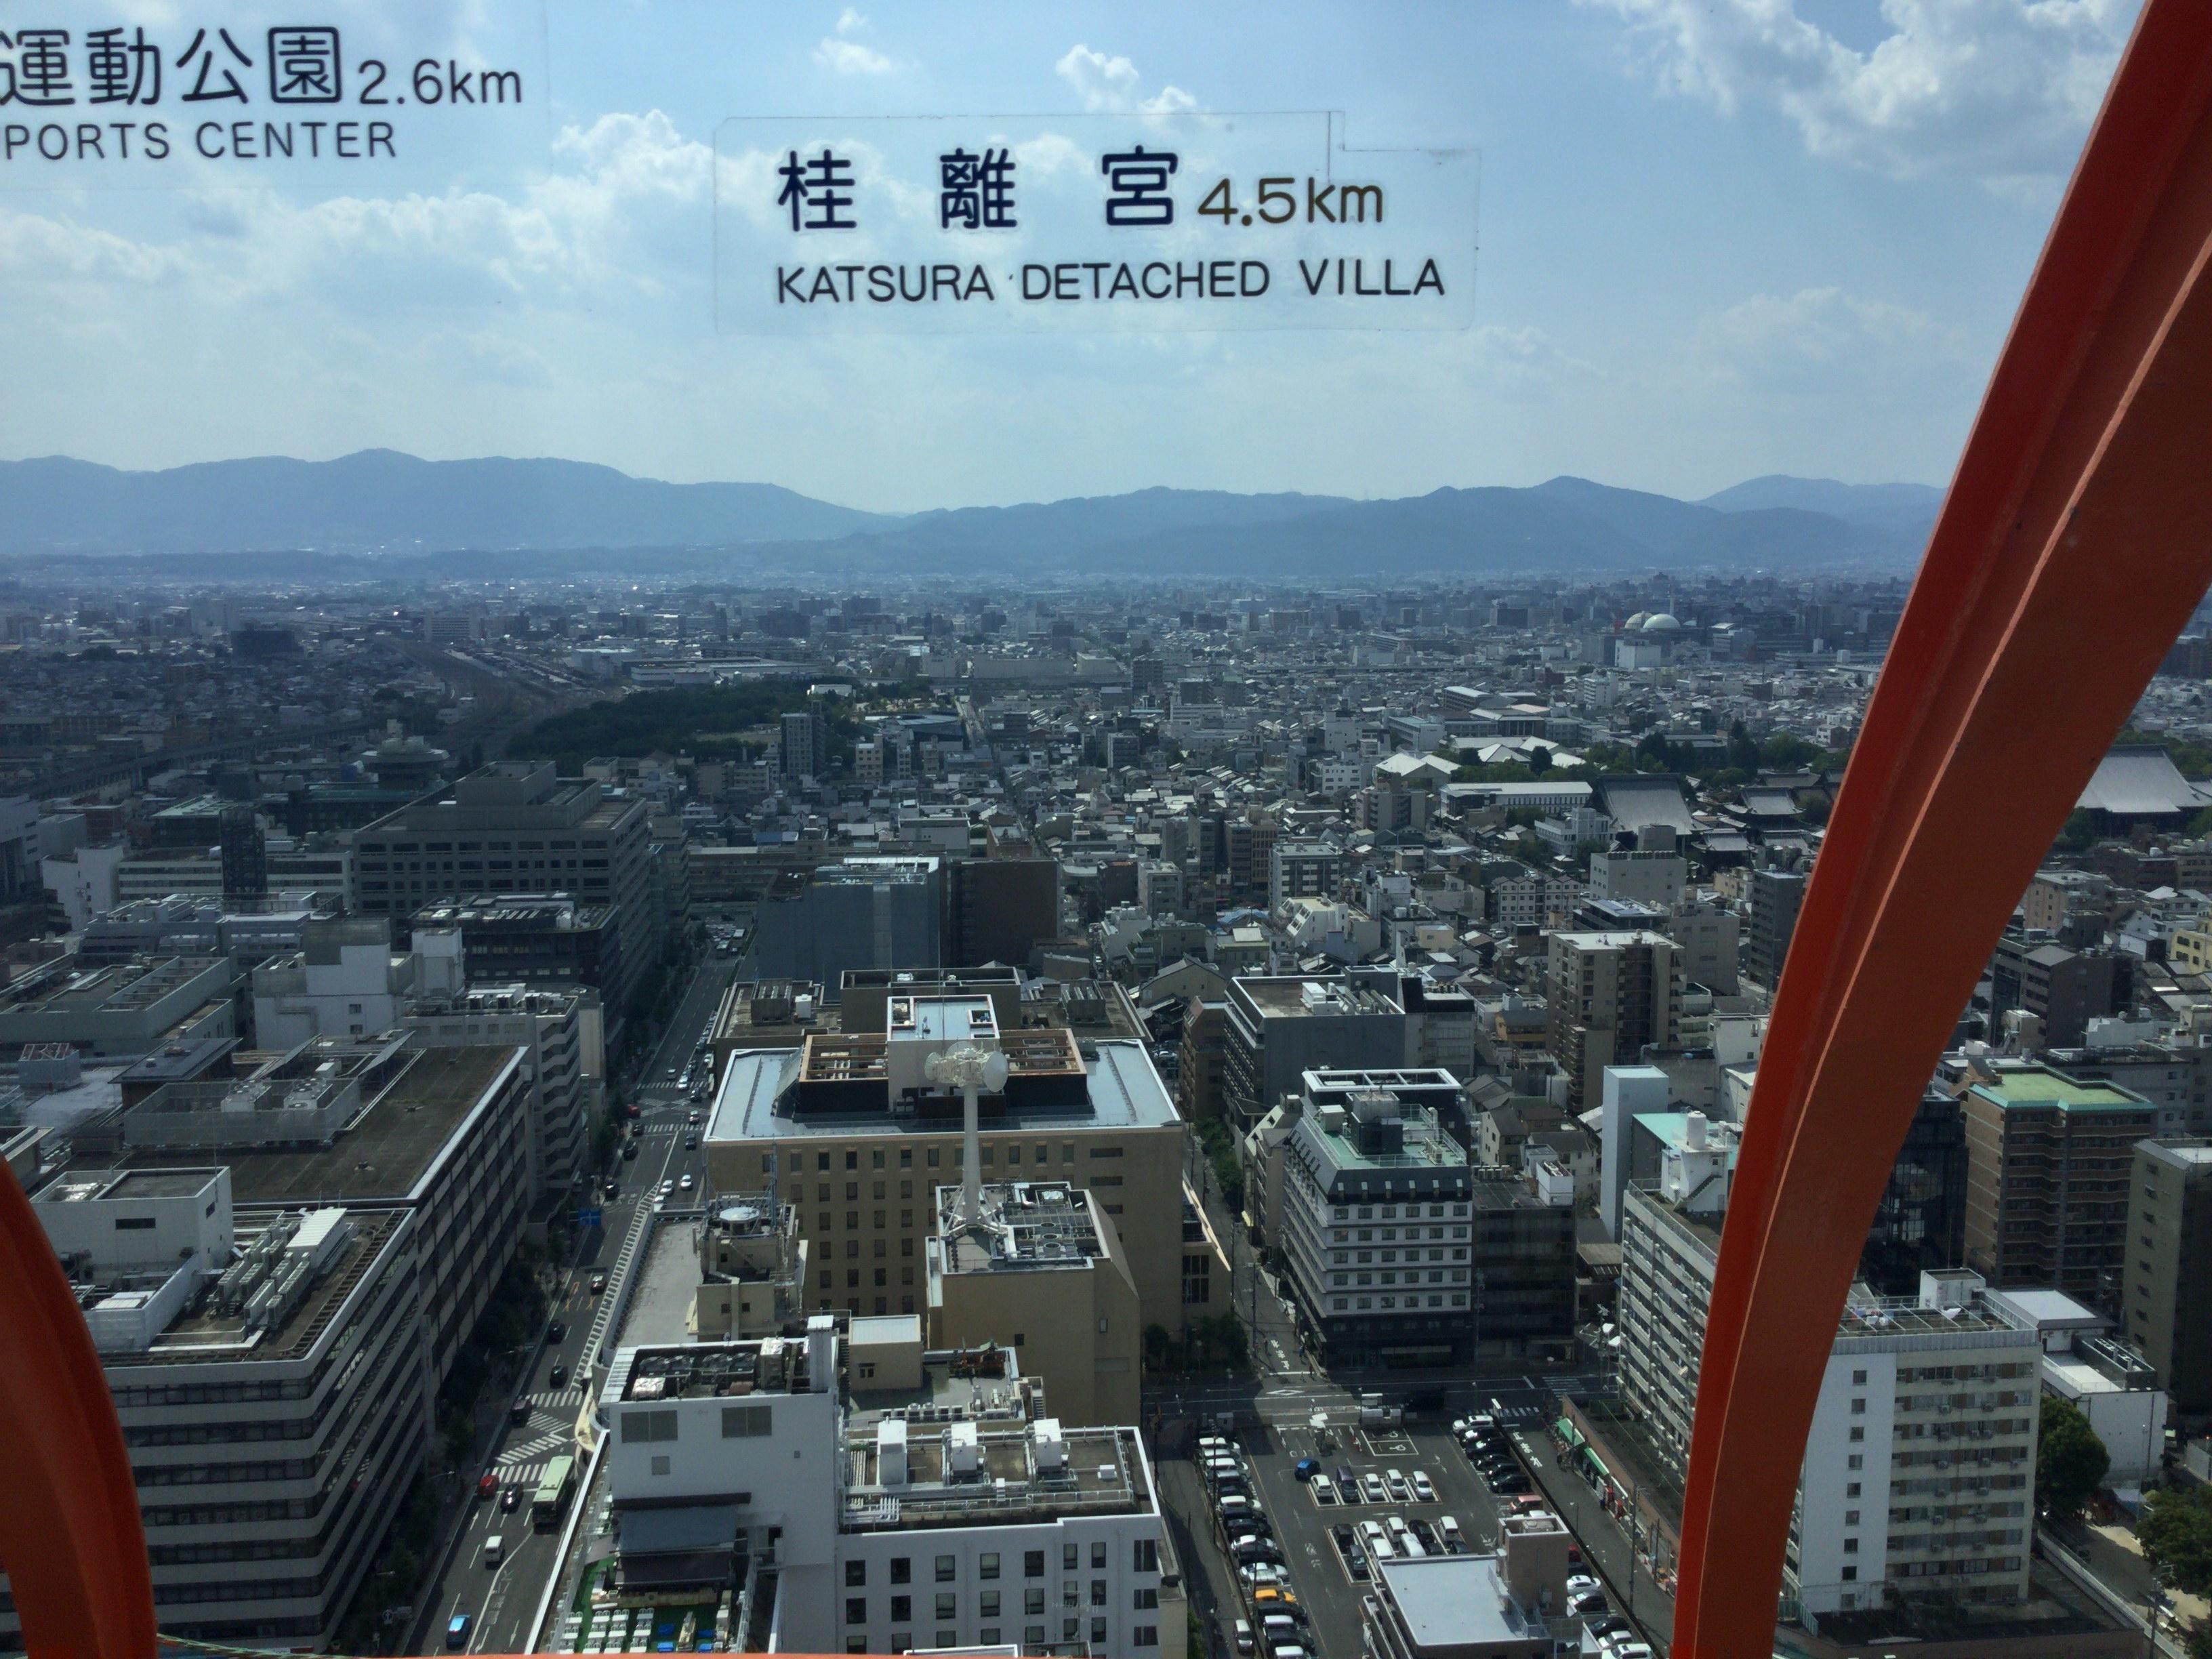 西京極総合運動公園、桂離宮、京都水族館方面